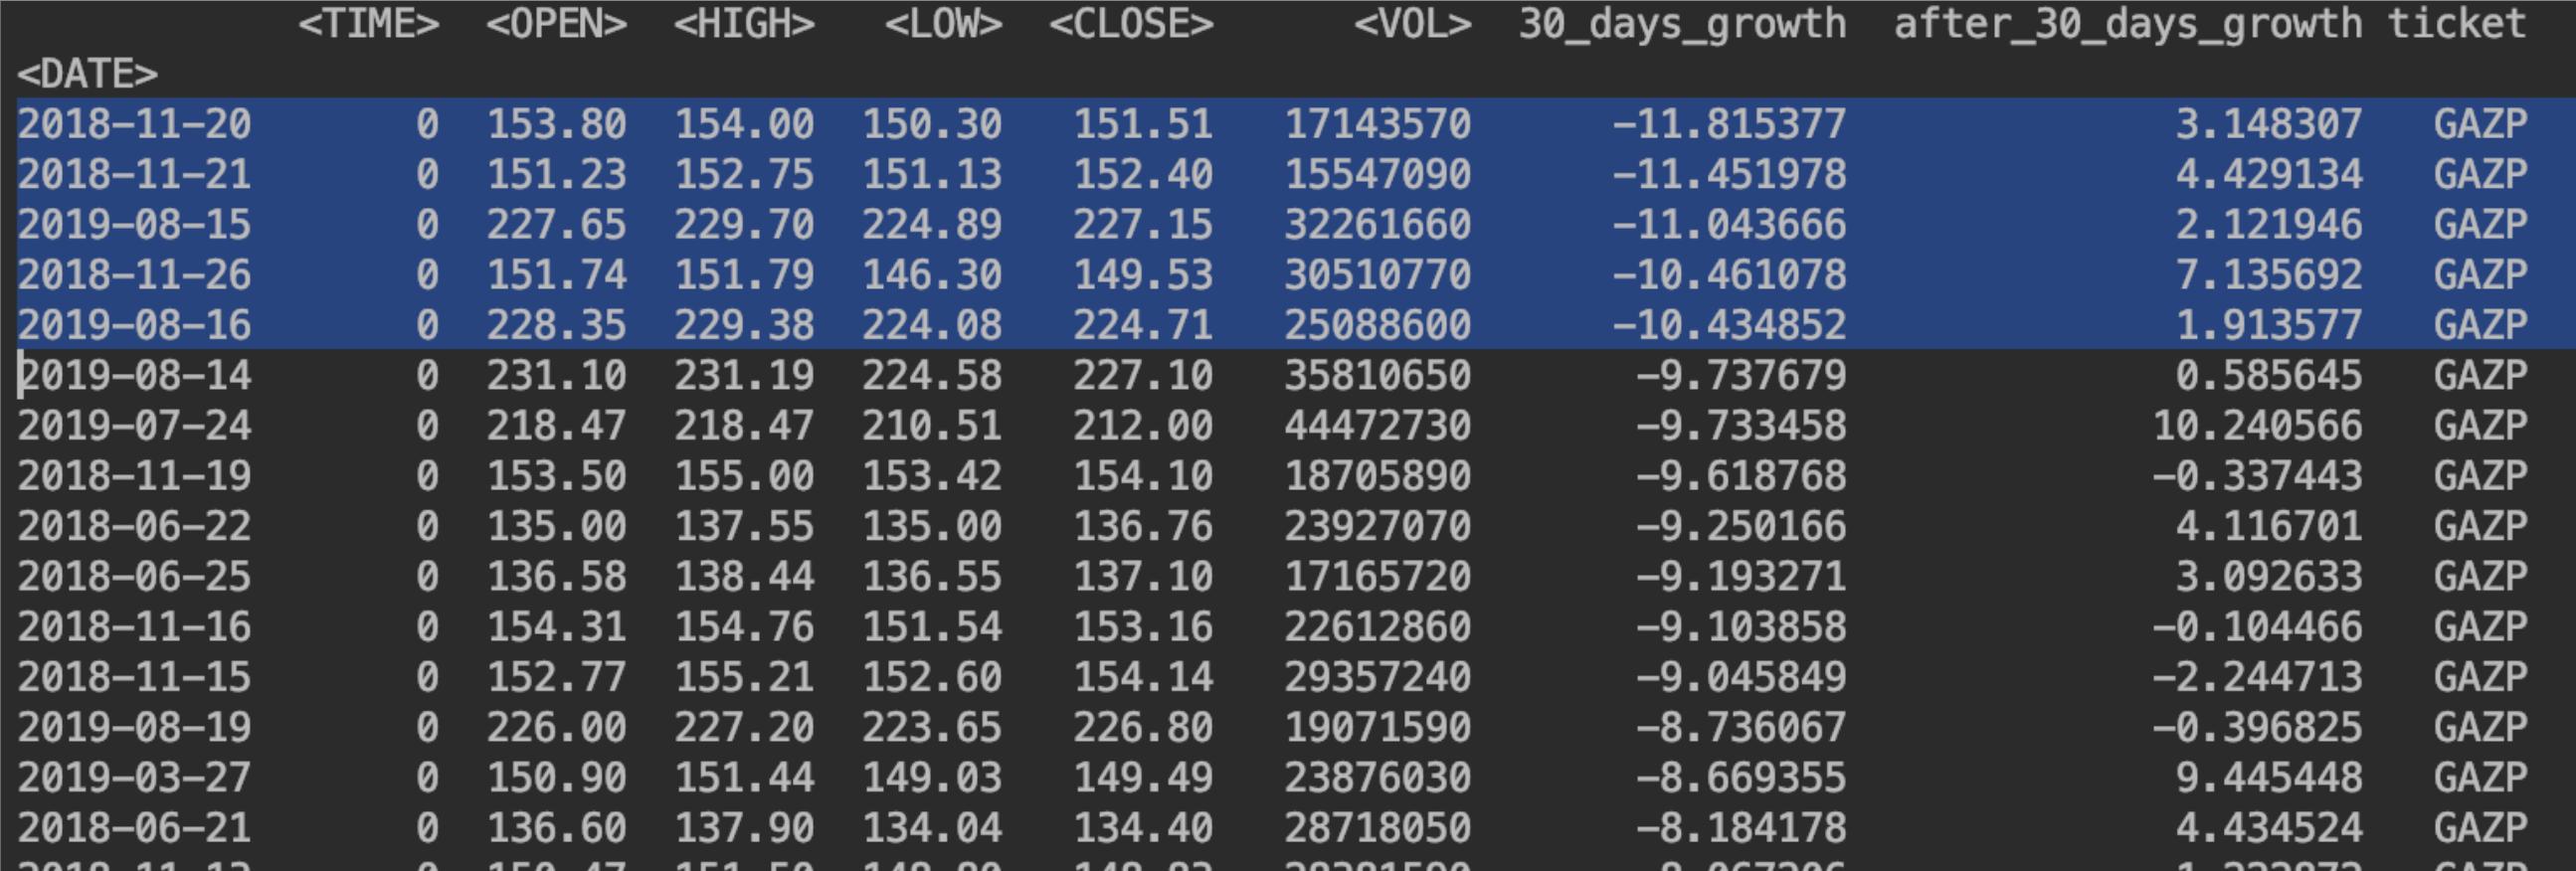 Перспективны ли просевшие акции? Проанализируем с помощью python - 1